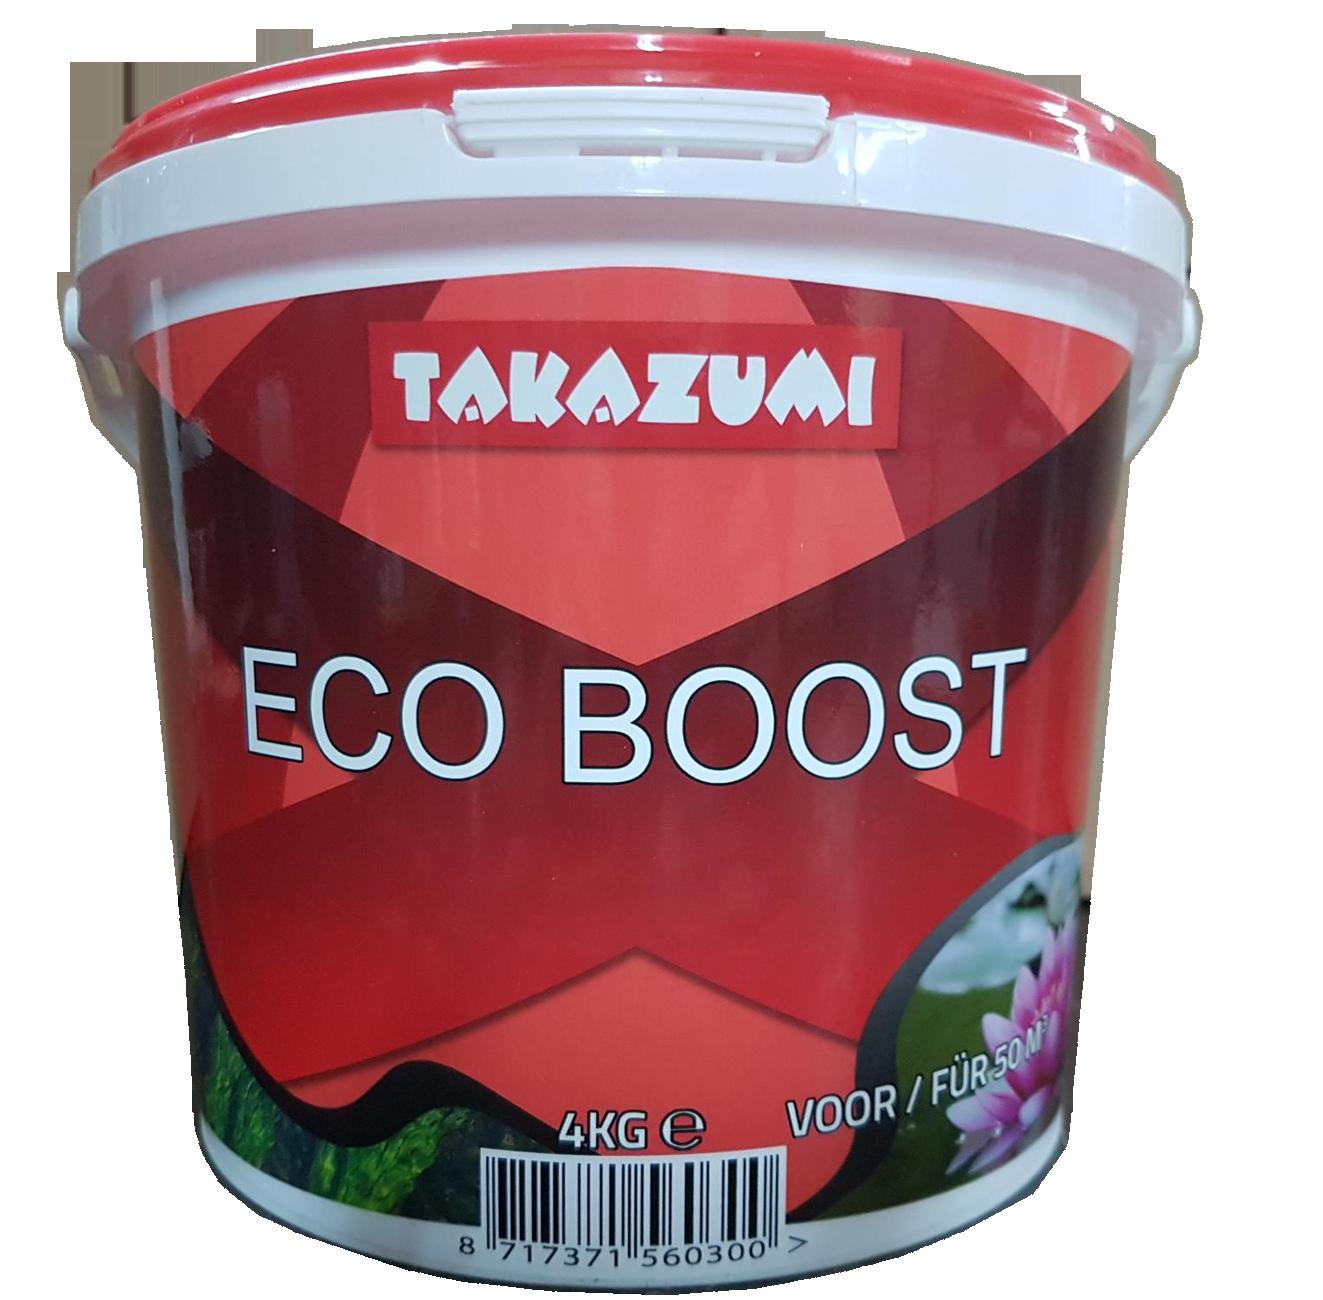 Eco Boost - 4 Kilo | Takazumi